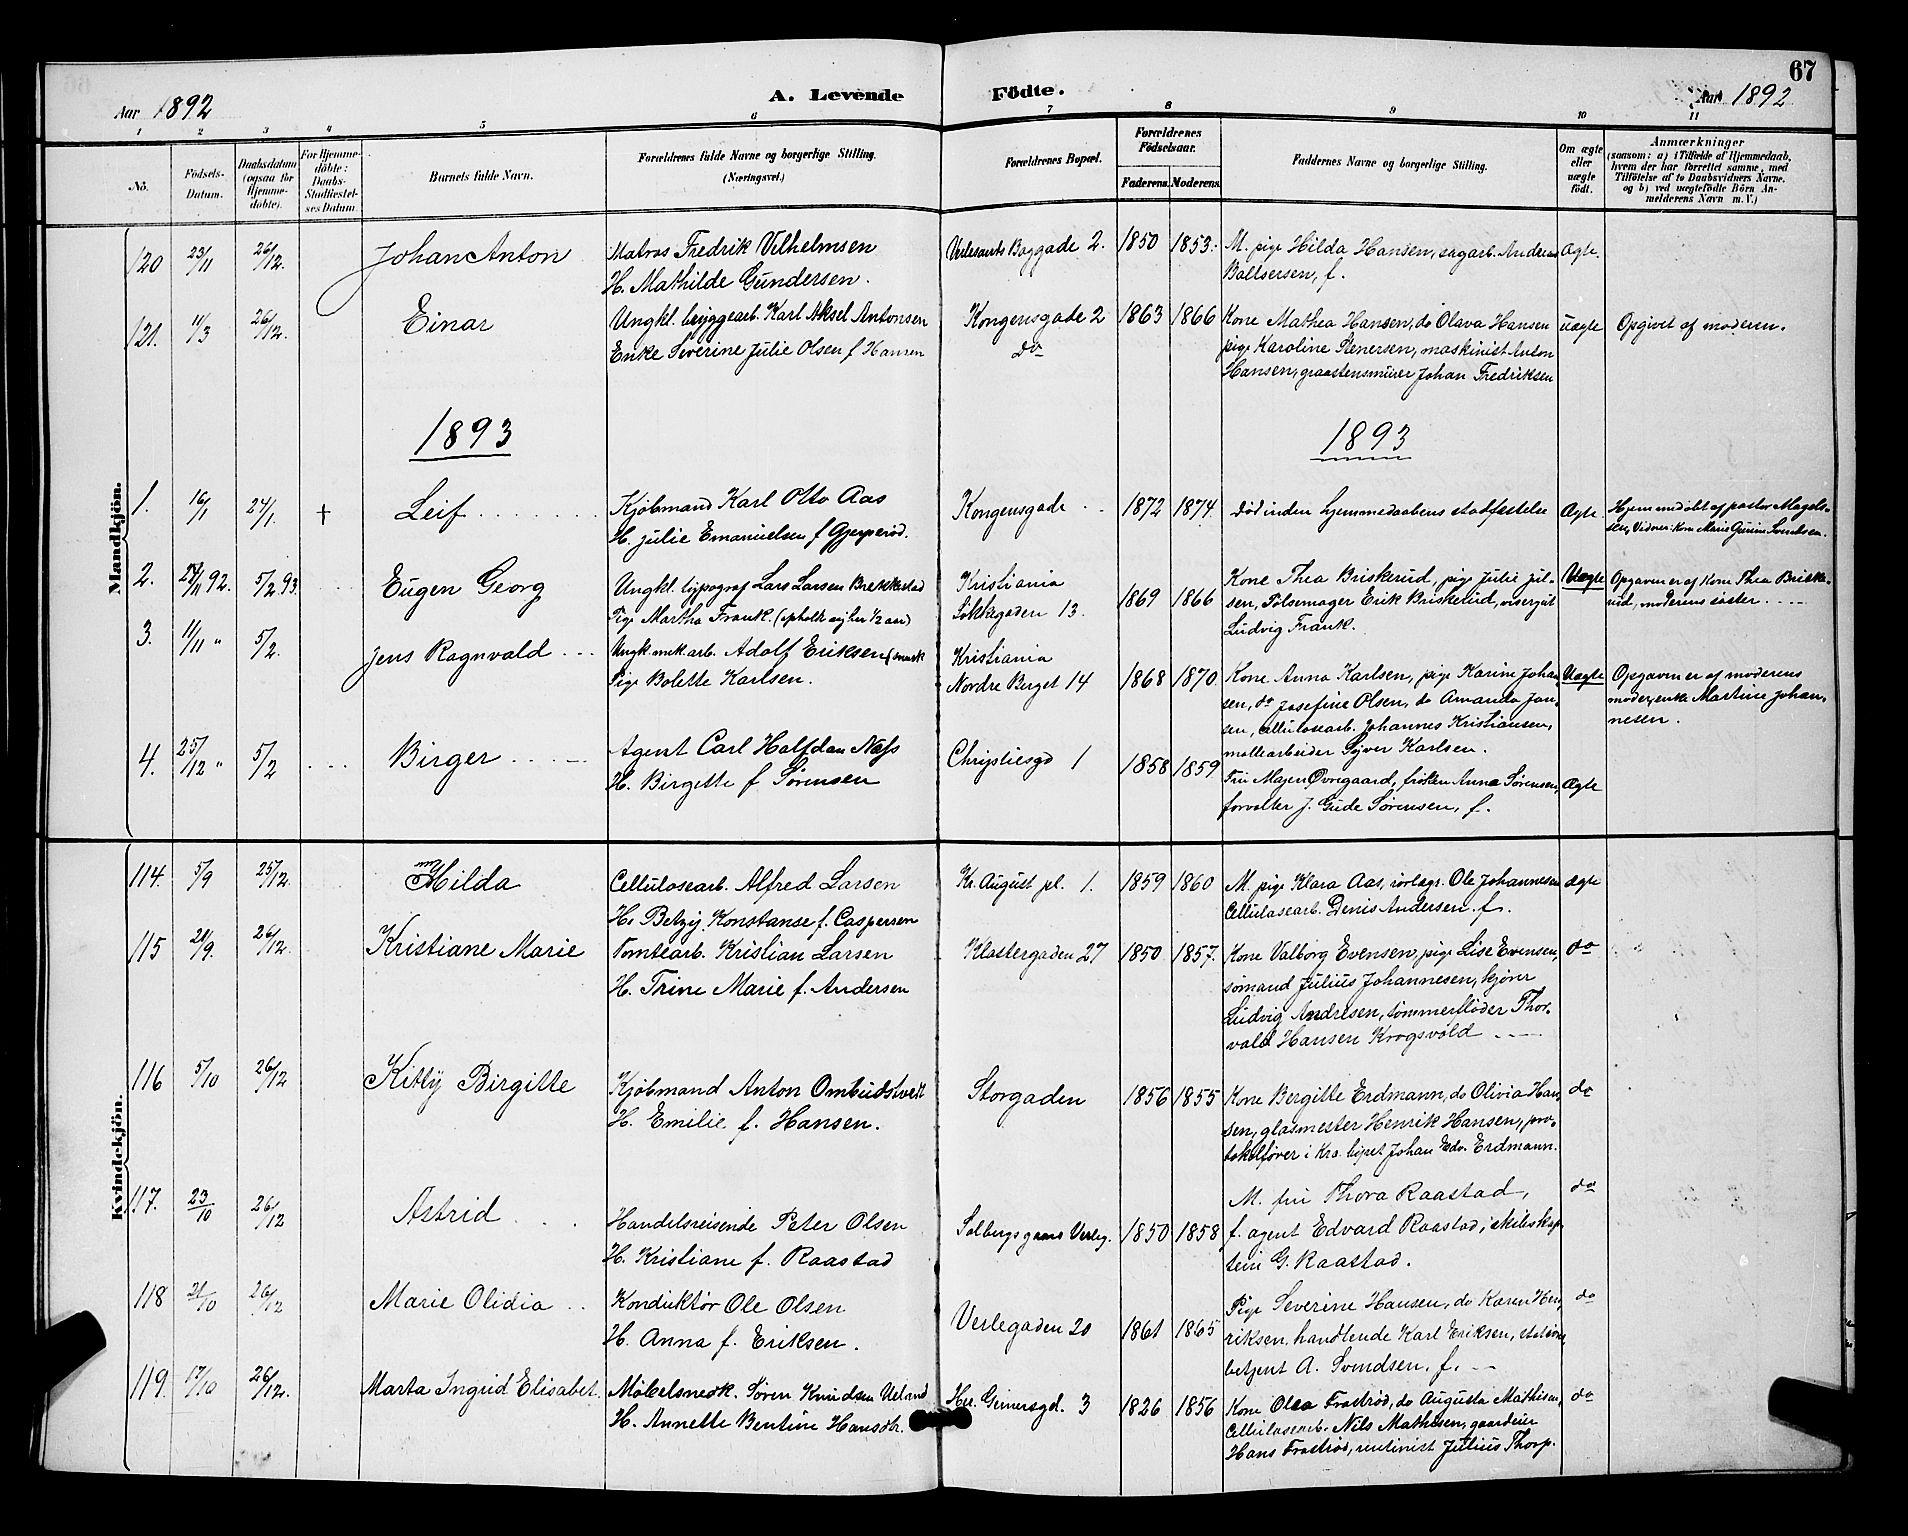 SAO, Moss prestekontor Kirkebøker, G/Ga/L0006: Klokkerbok nr. I 6, 1889-1900, s. 67